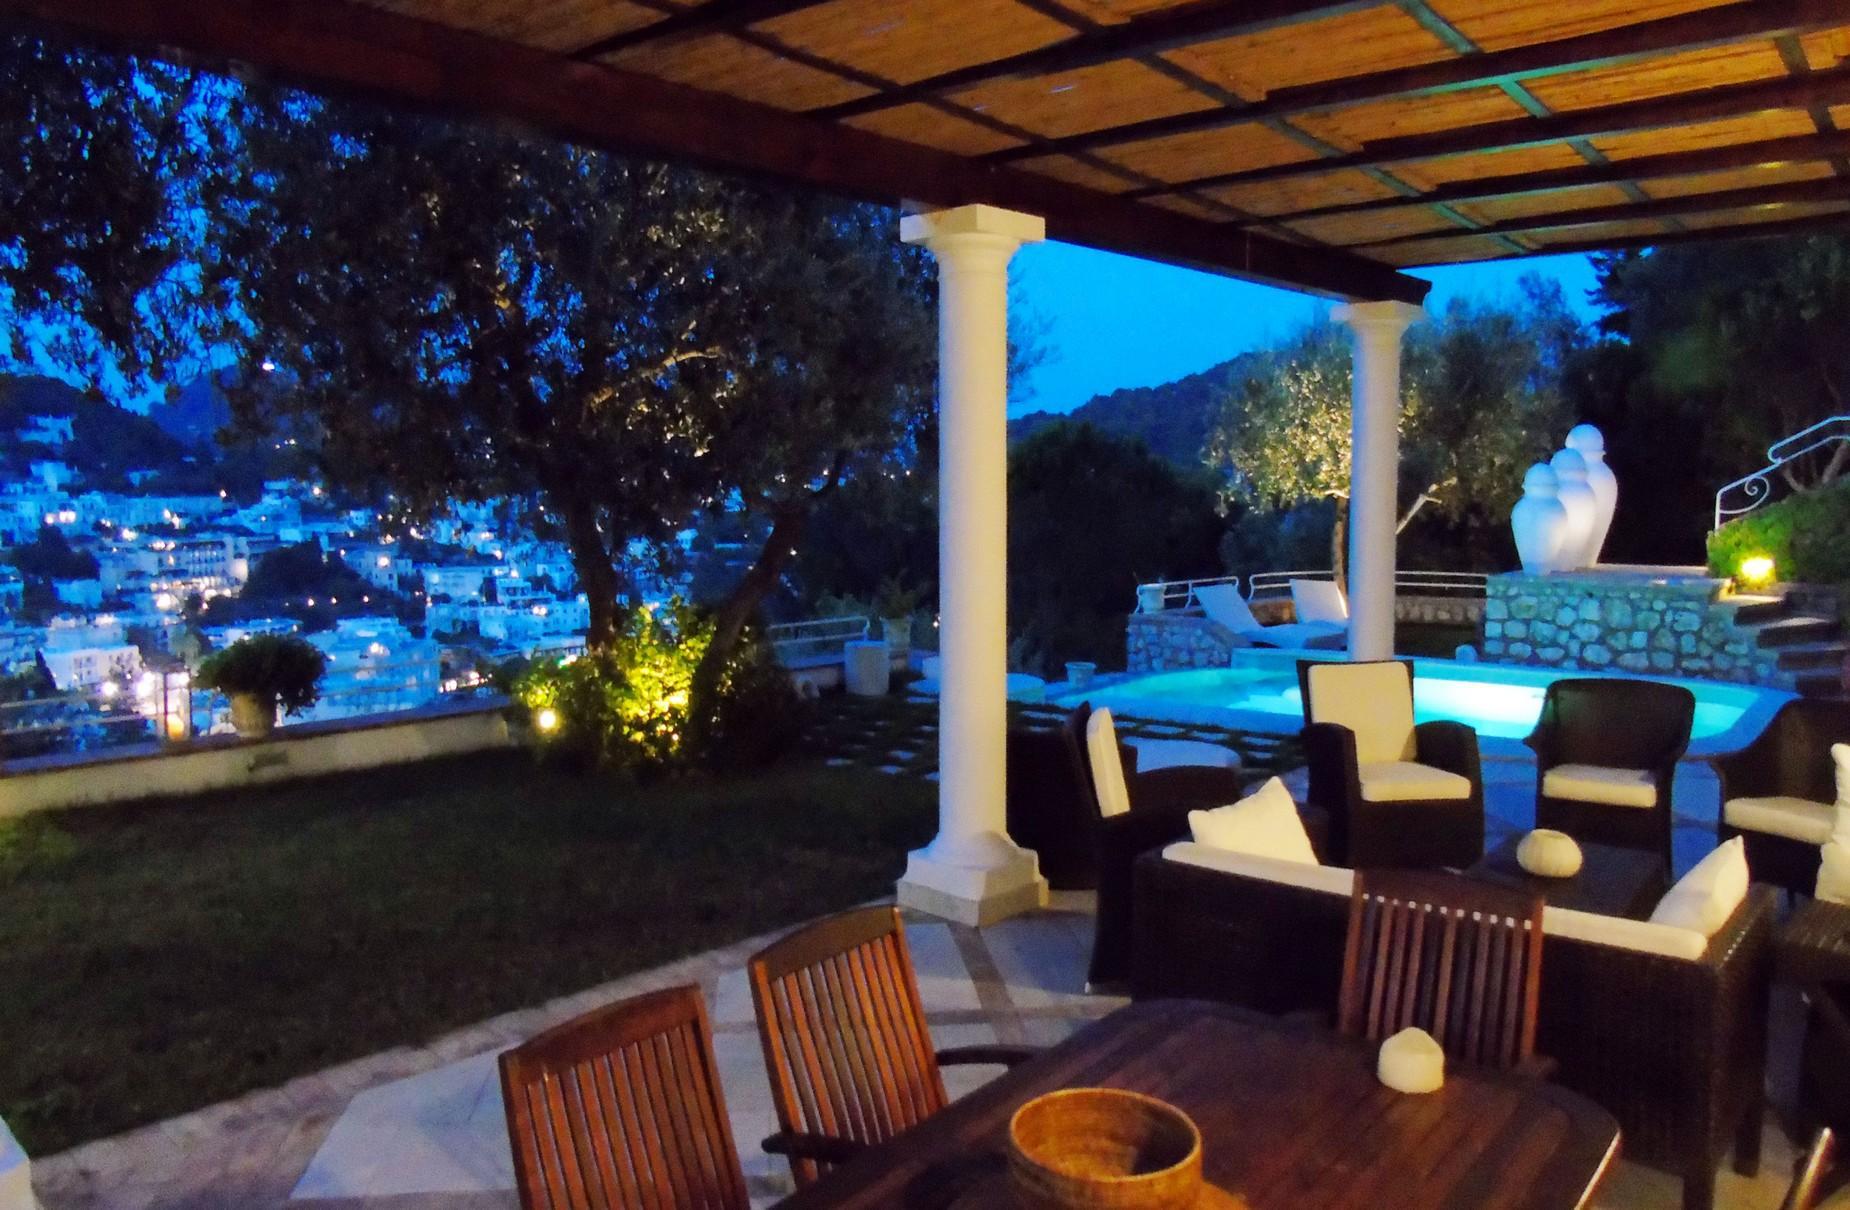 Очаровательная вилла с панорамным бассейном в центре легендарного острова Капри, Италия - 8